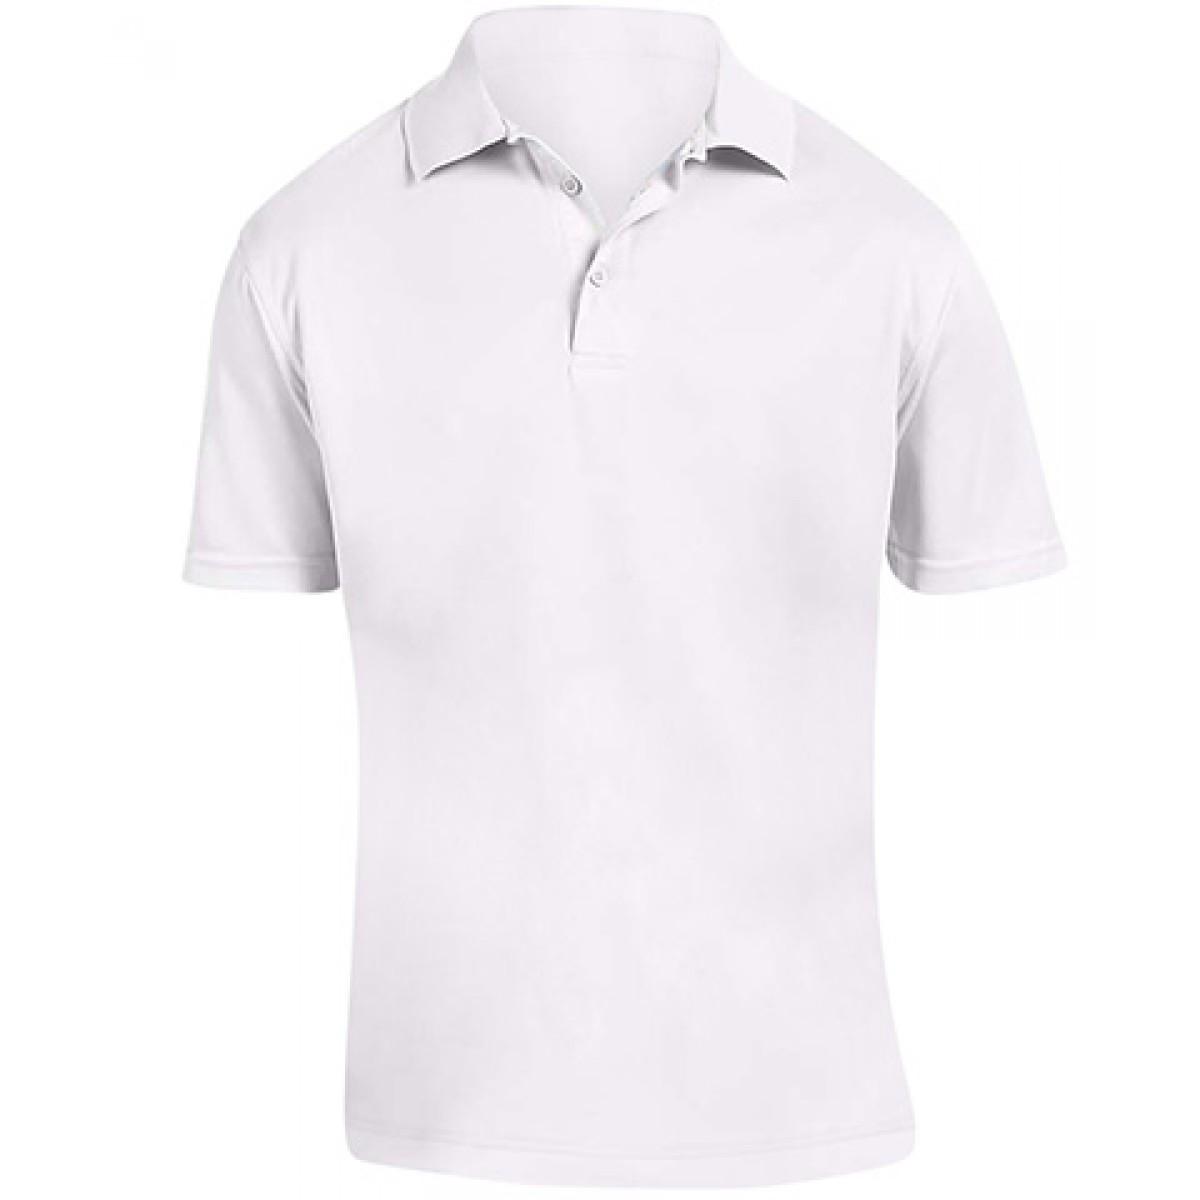 White Polytech Polo 4 oz. -White-L